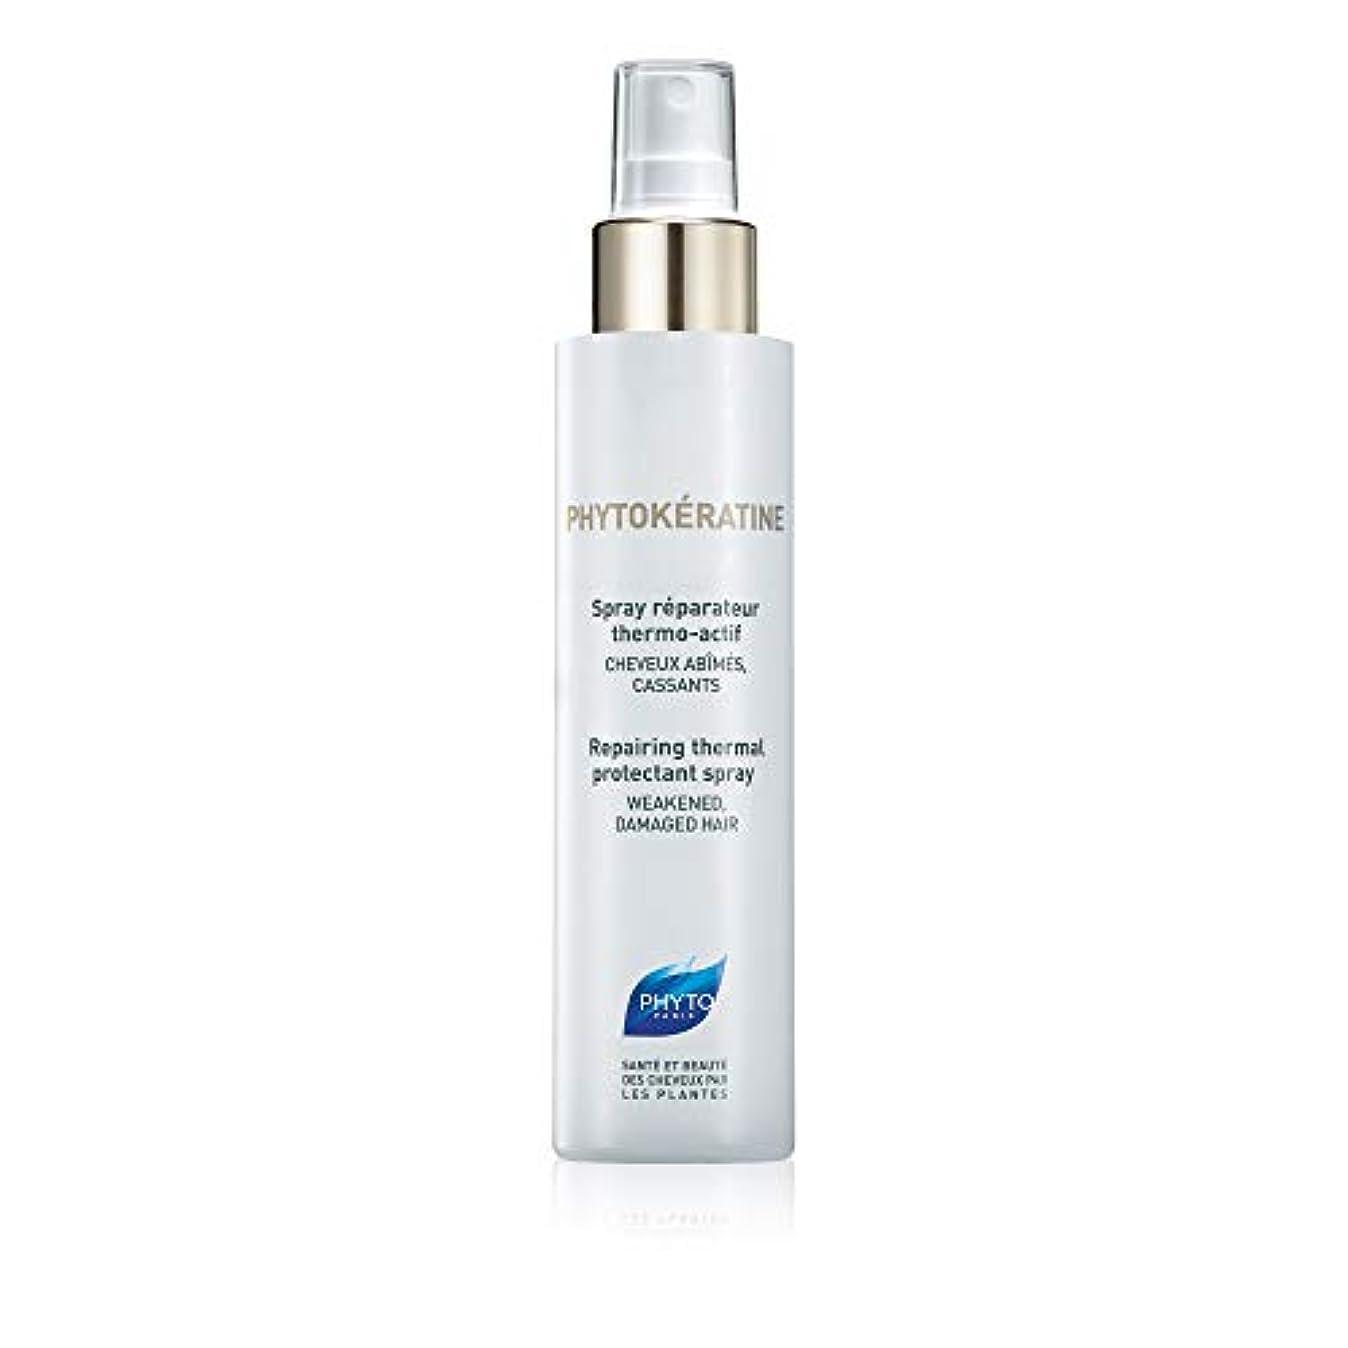 第九気分が良いアクションPhyto Phytokeratine Repairing Thermal Protectant Spray 150ml